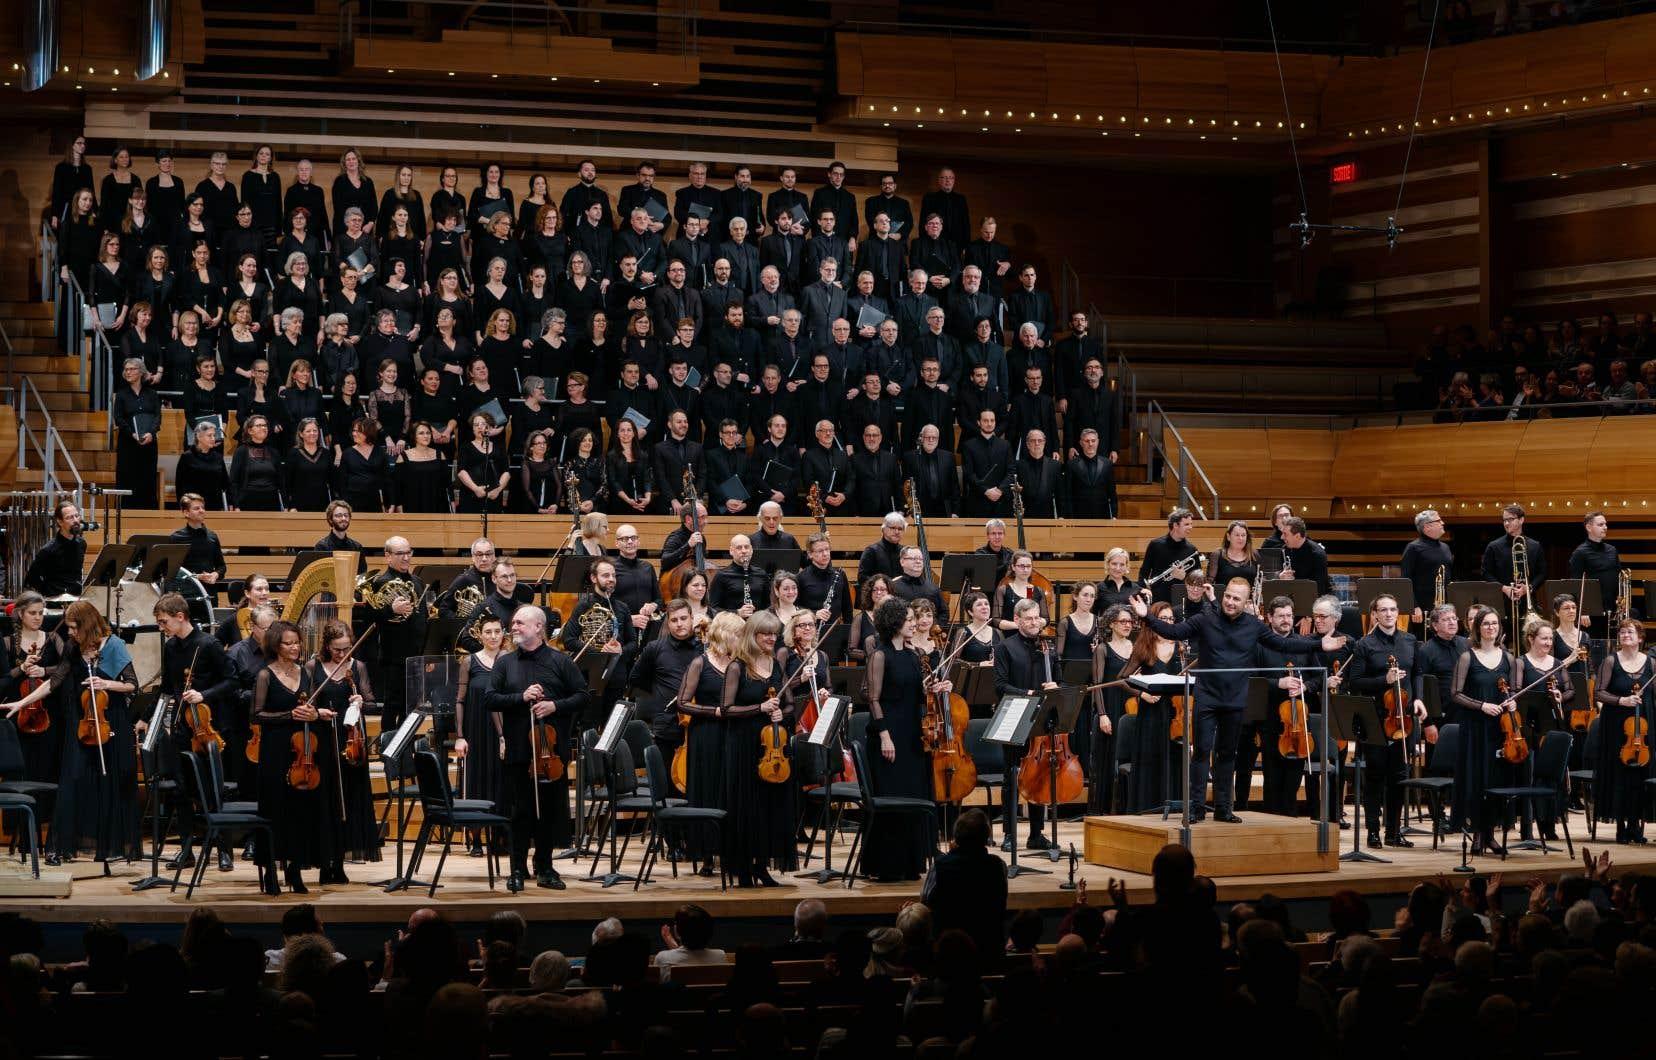 La gouverneure générale Julie Payette était venue se joindre aux choristes pour le concert à Ottawa jeudi et avait fait le voyage, vendredi, pour chanter le concert à la Maison symphonique.